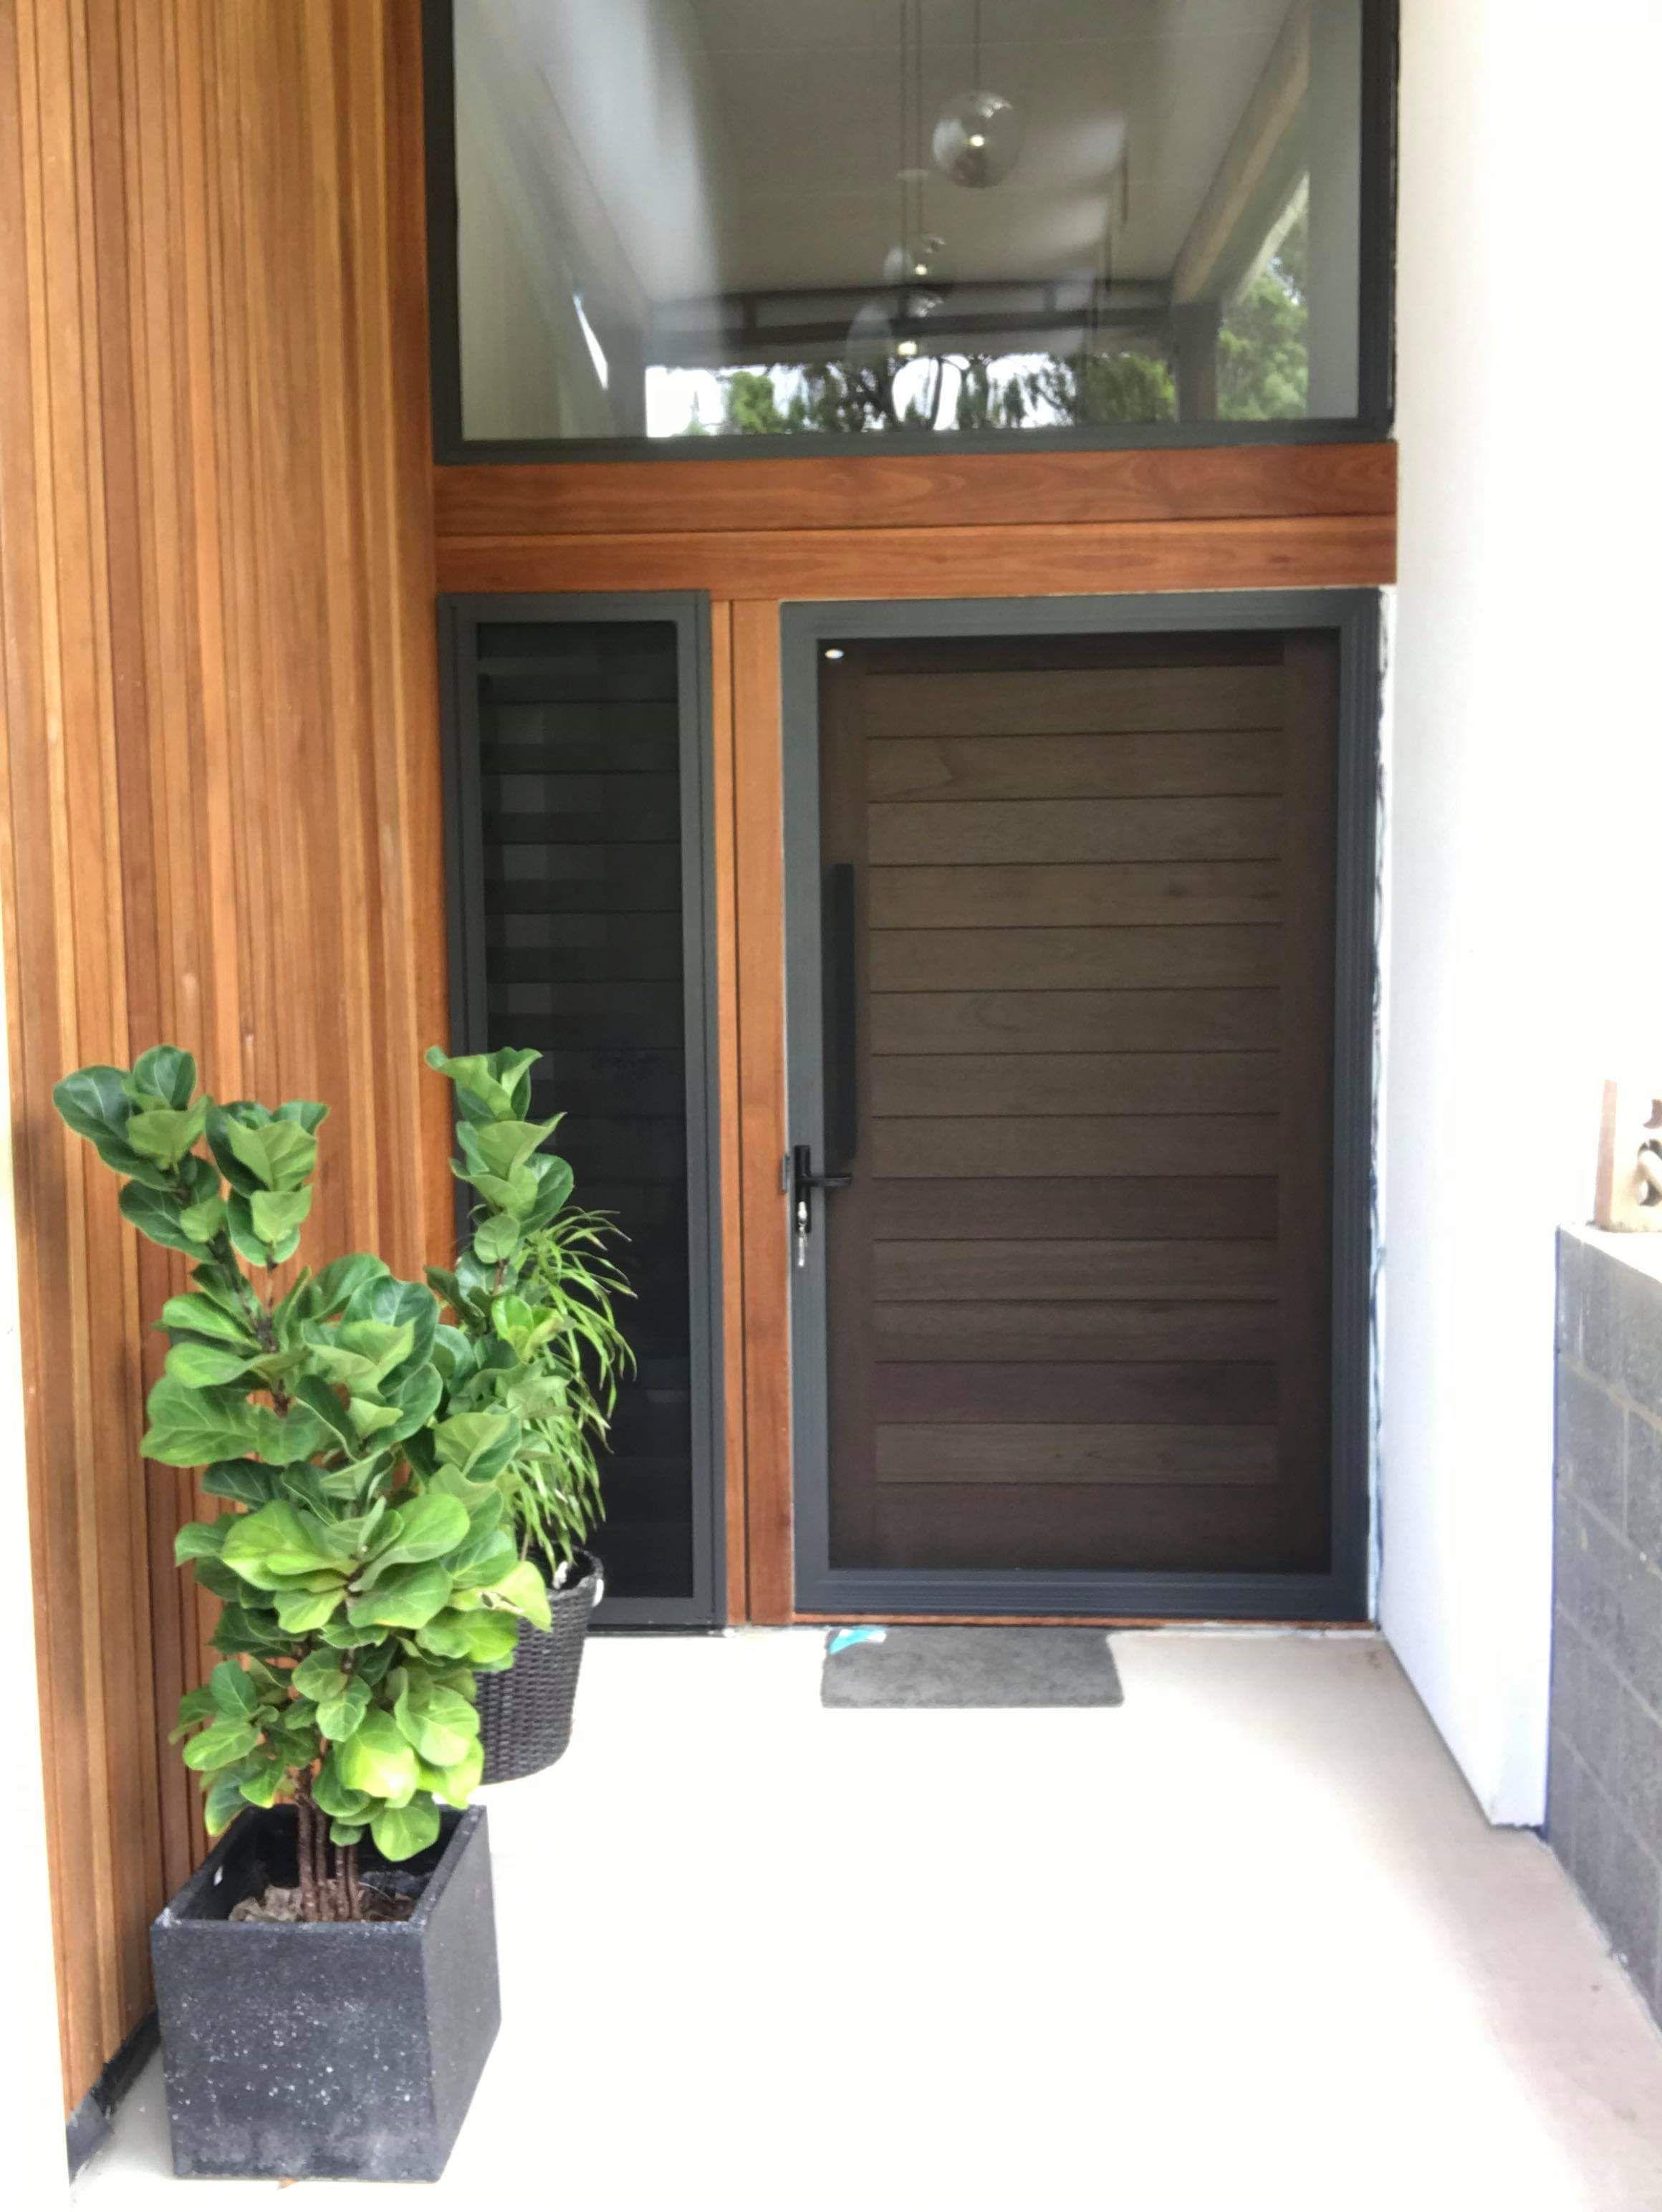 Hinged Regular Crimsafe Screen Door In Monument Colour Security Screen Door Screen Door Doors